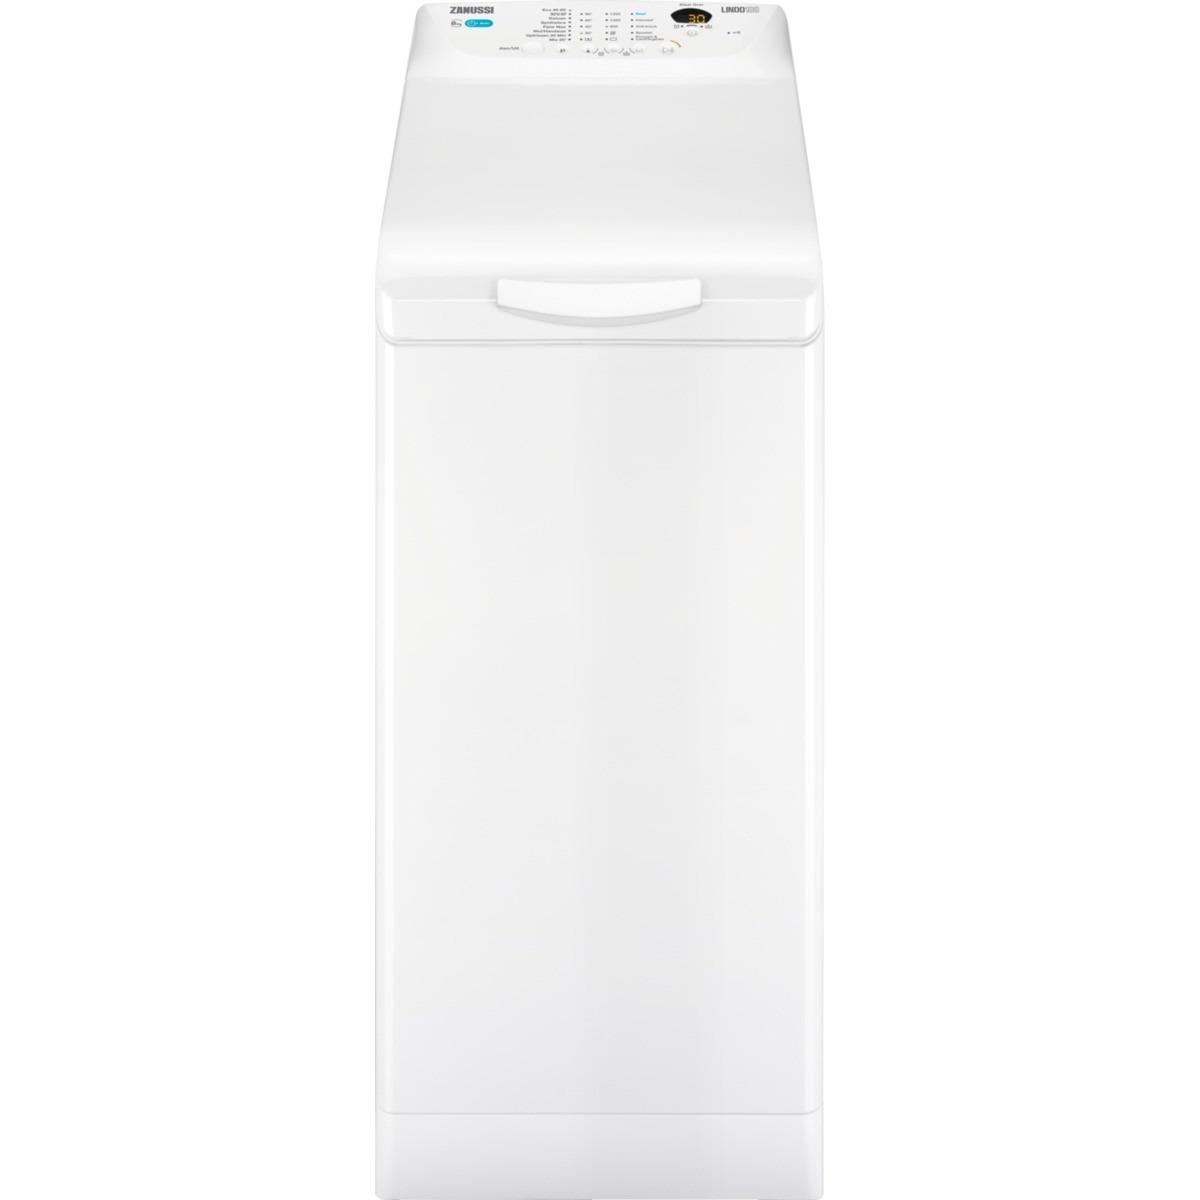 Zanussi ZWY61225NW Wasmachine bovenlader Wit